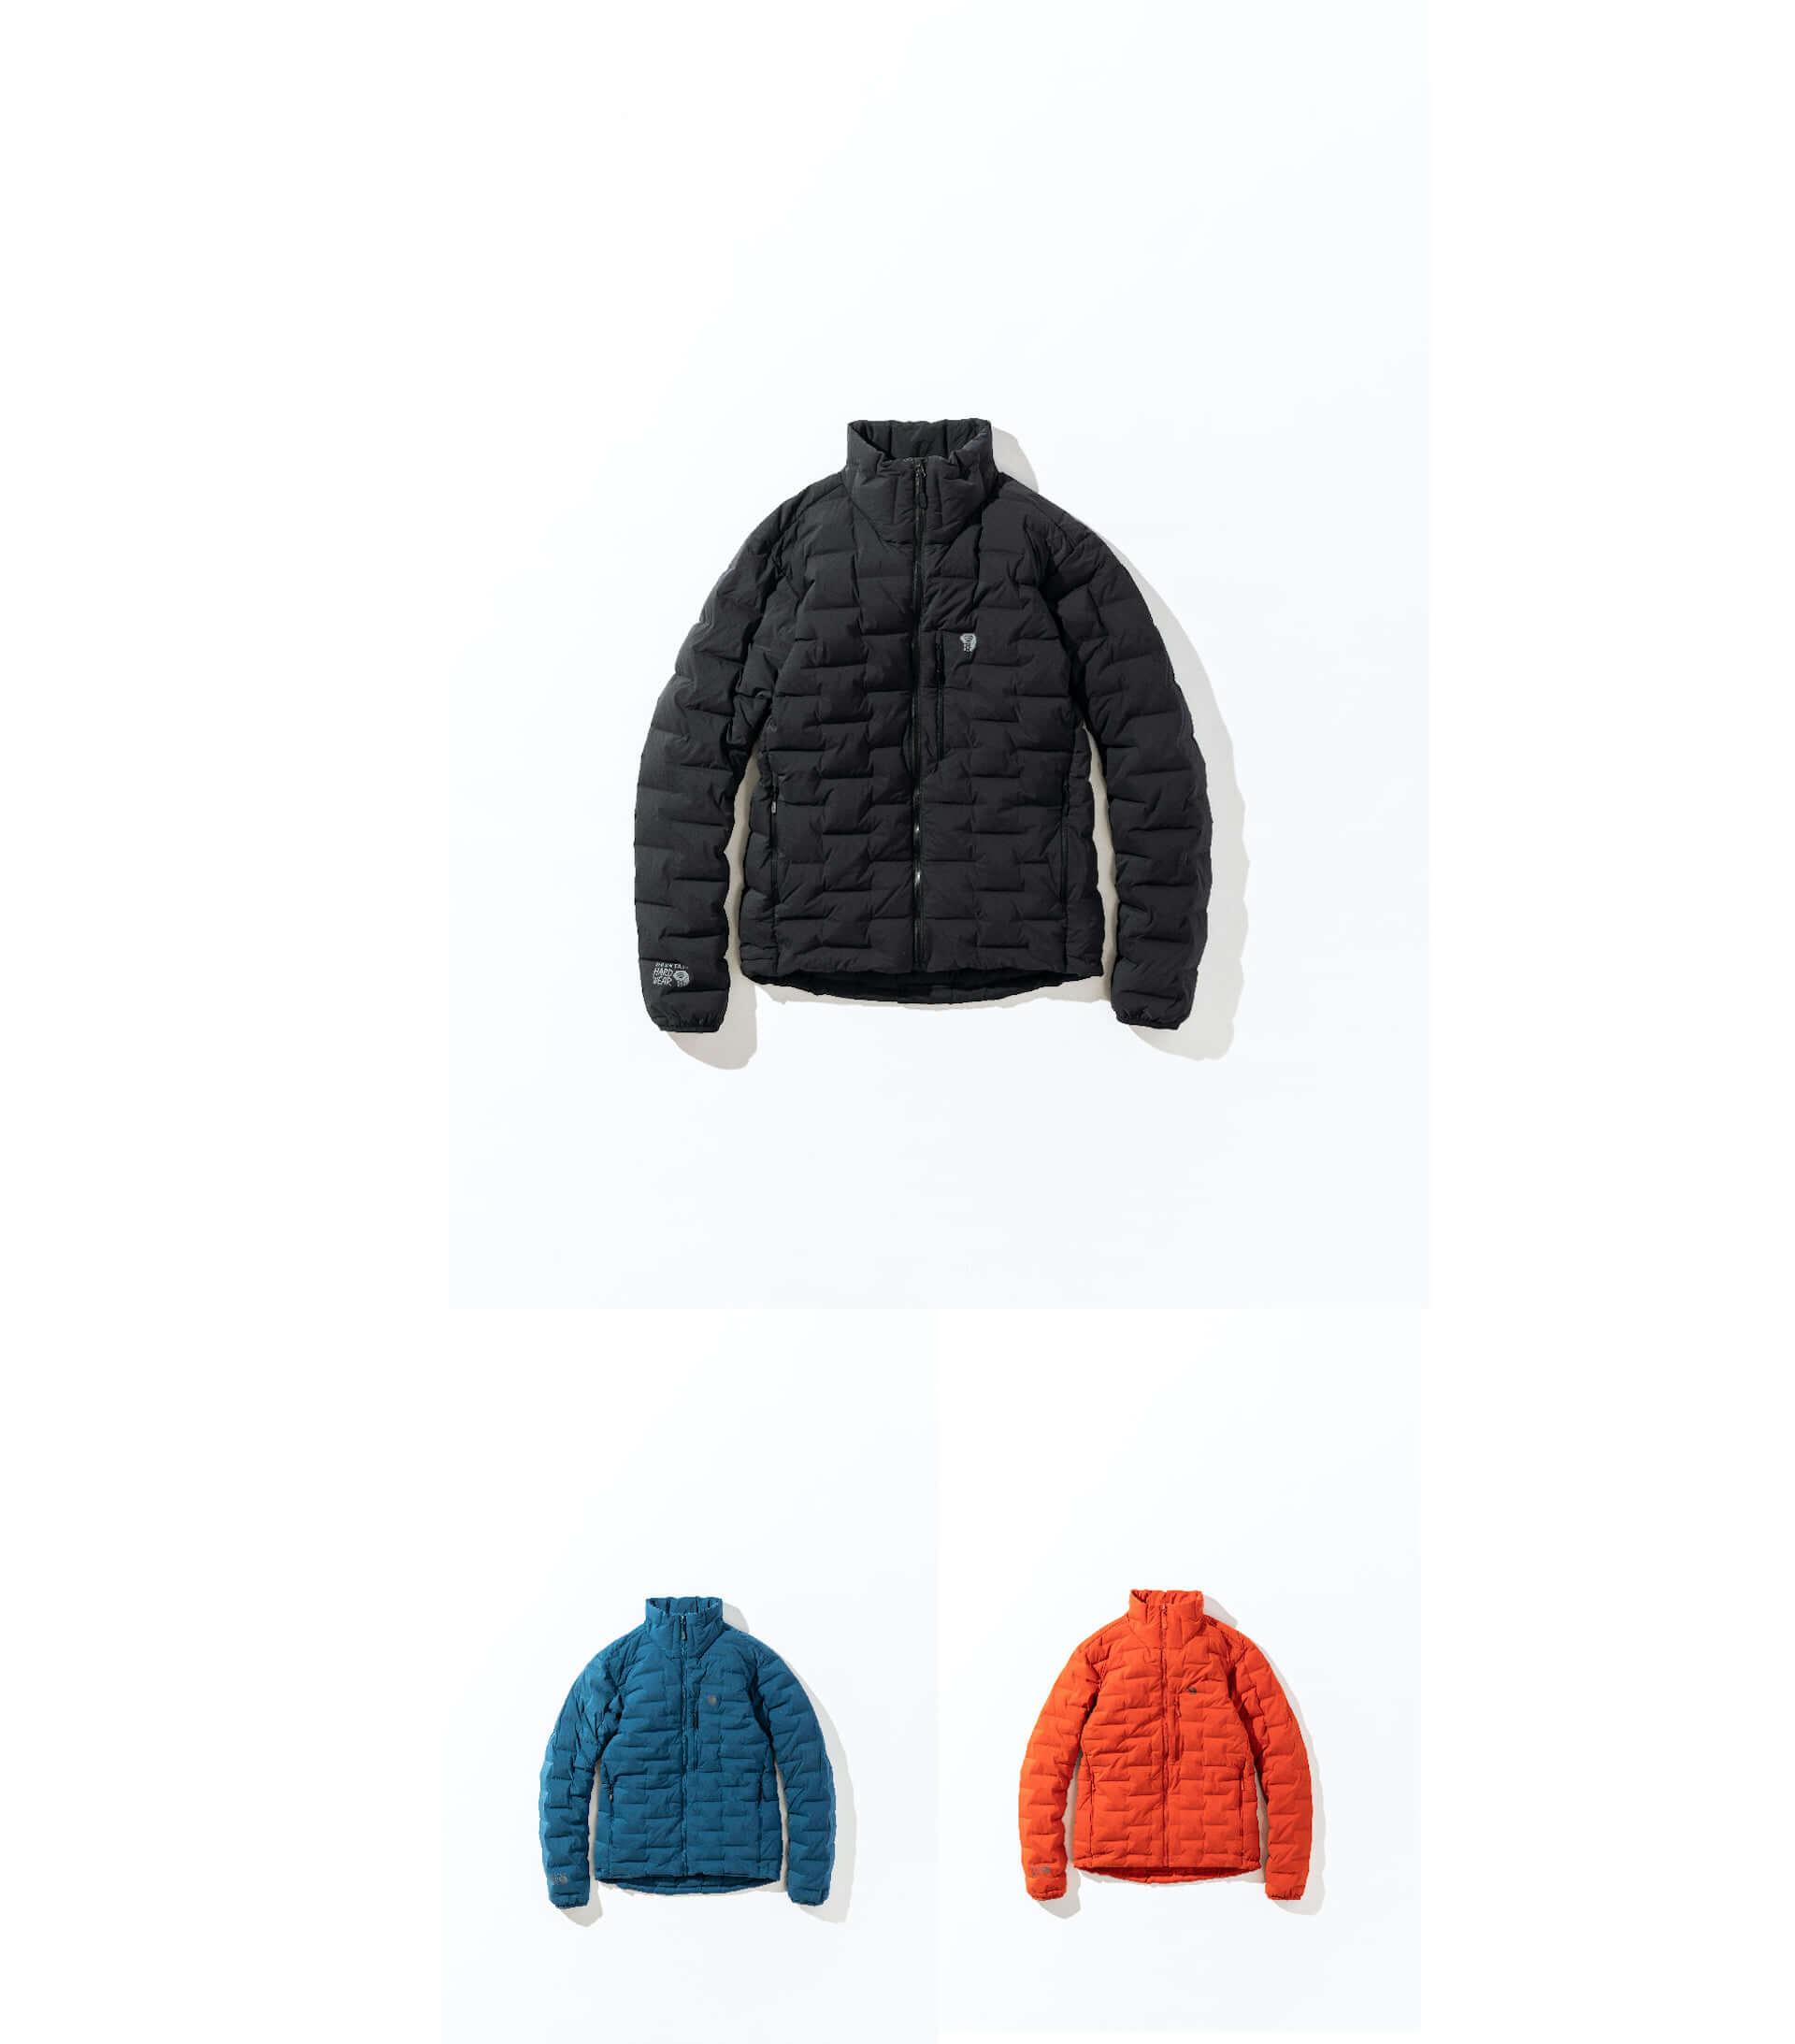 マウンテンハードウェアが縫い目の無いダウンジャケット「Super/DS Strechdown」を発売!クライミング用、ウィメンズモデルなど多数展開 lf201016_mountain-hardwear_8-1920x2186